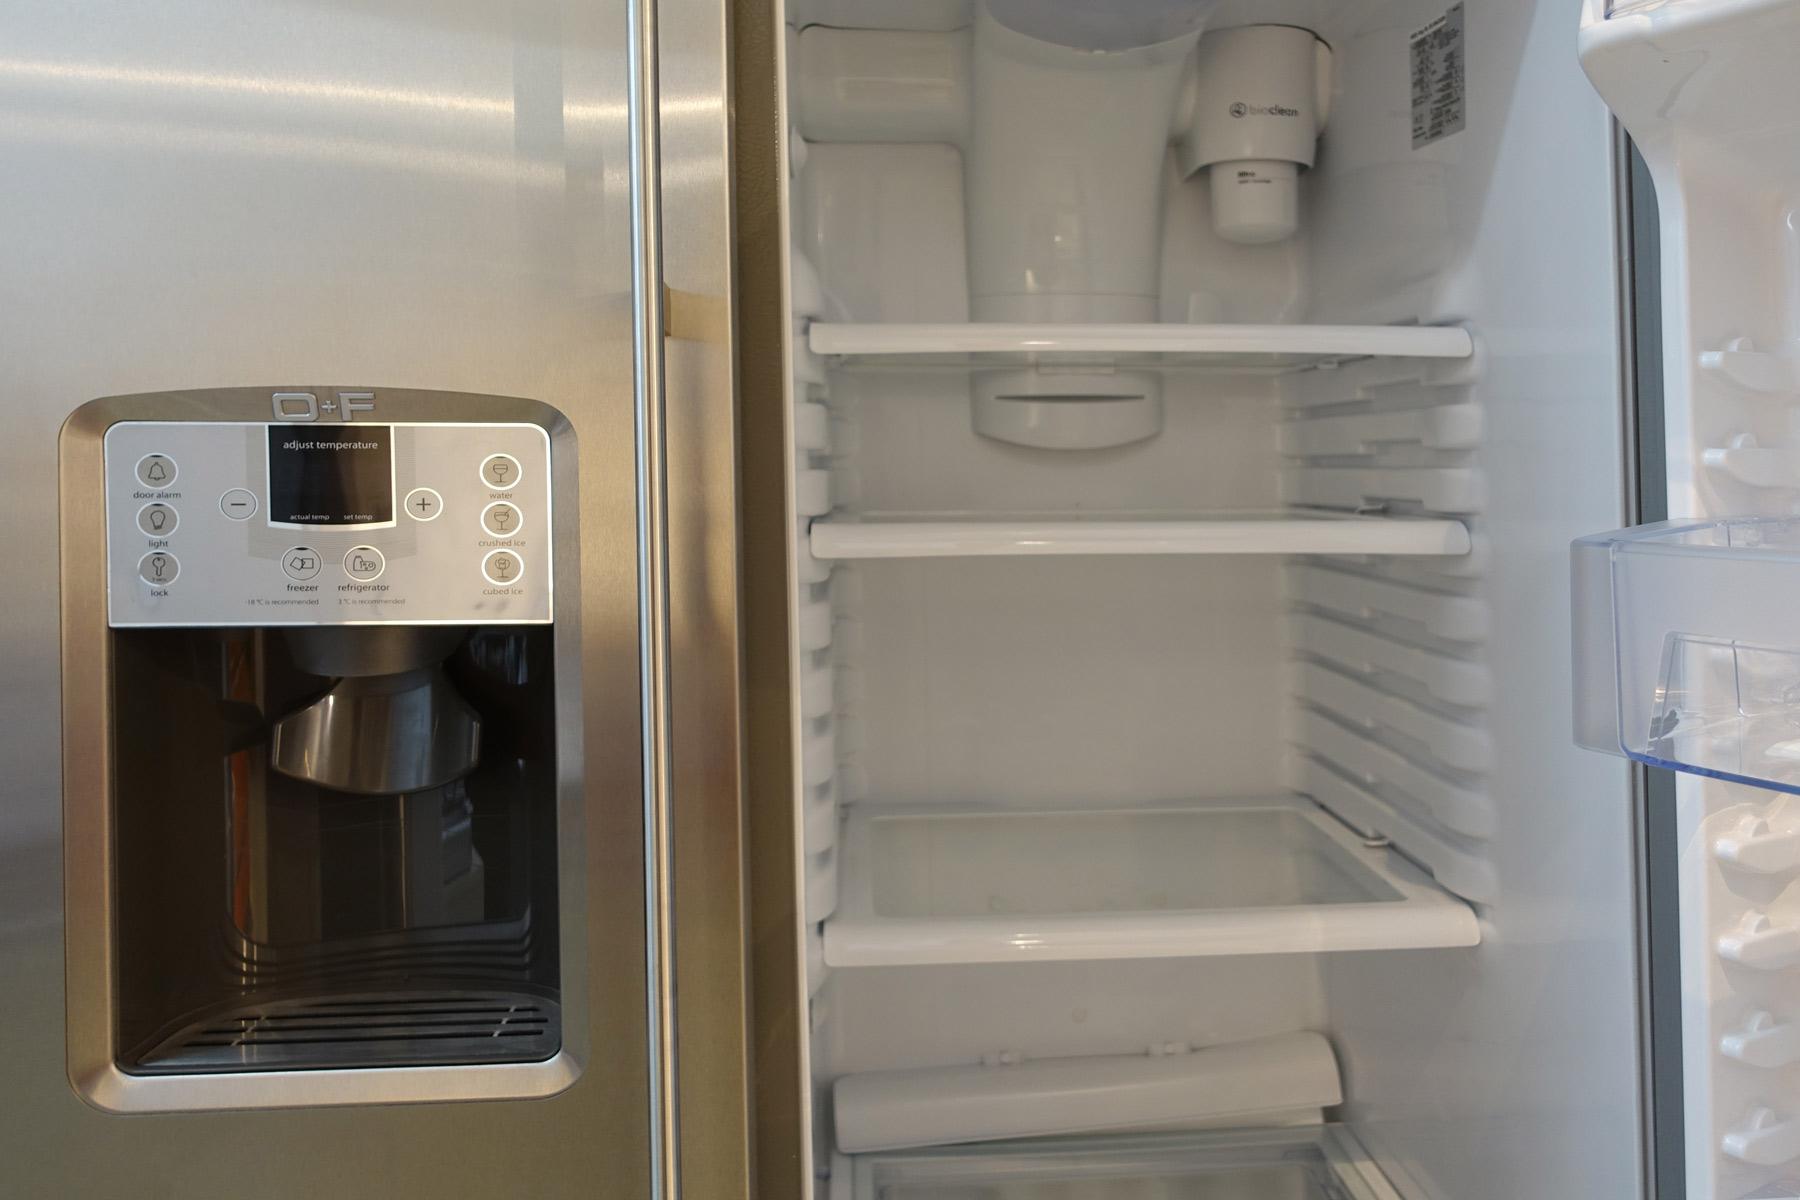 Amerikanischer Kühlschrank Tiefe 60 Cm : O f classic side by side kühlschrank mit dispenser welter